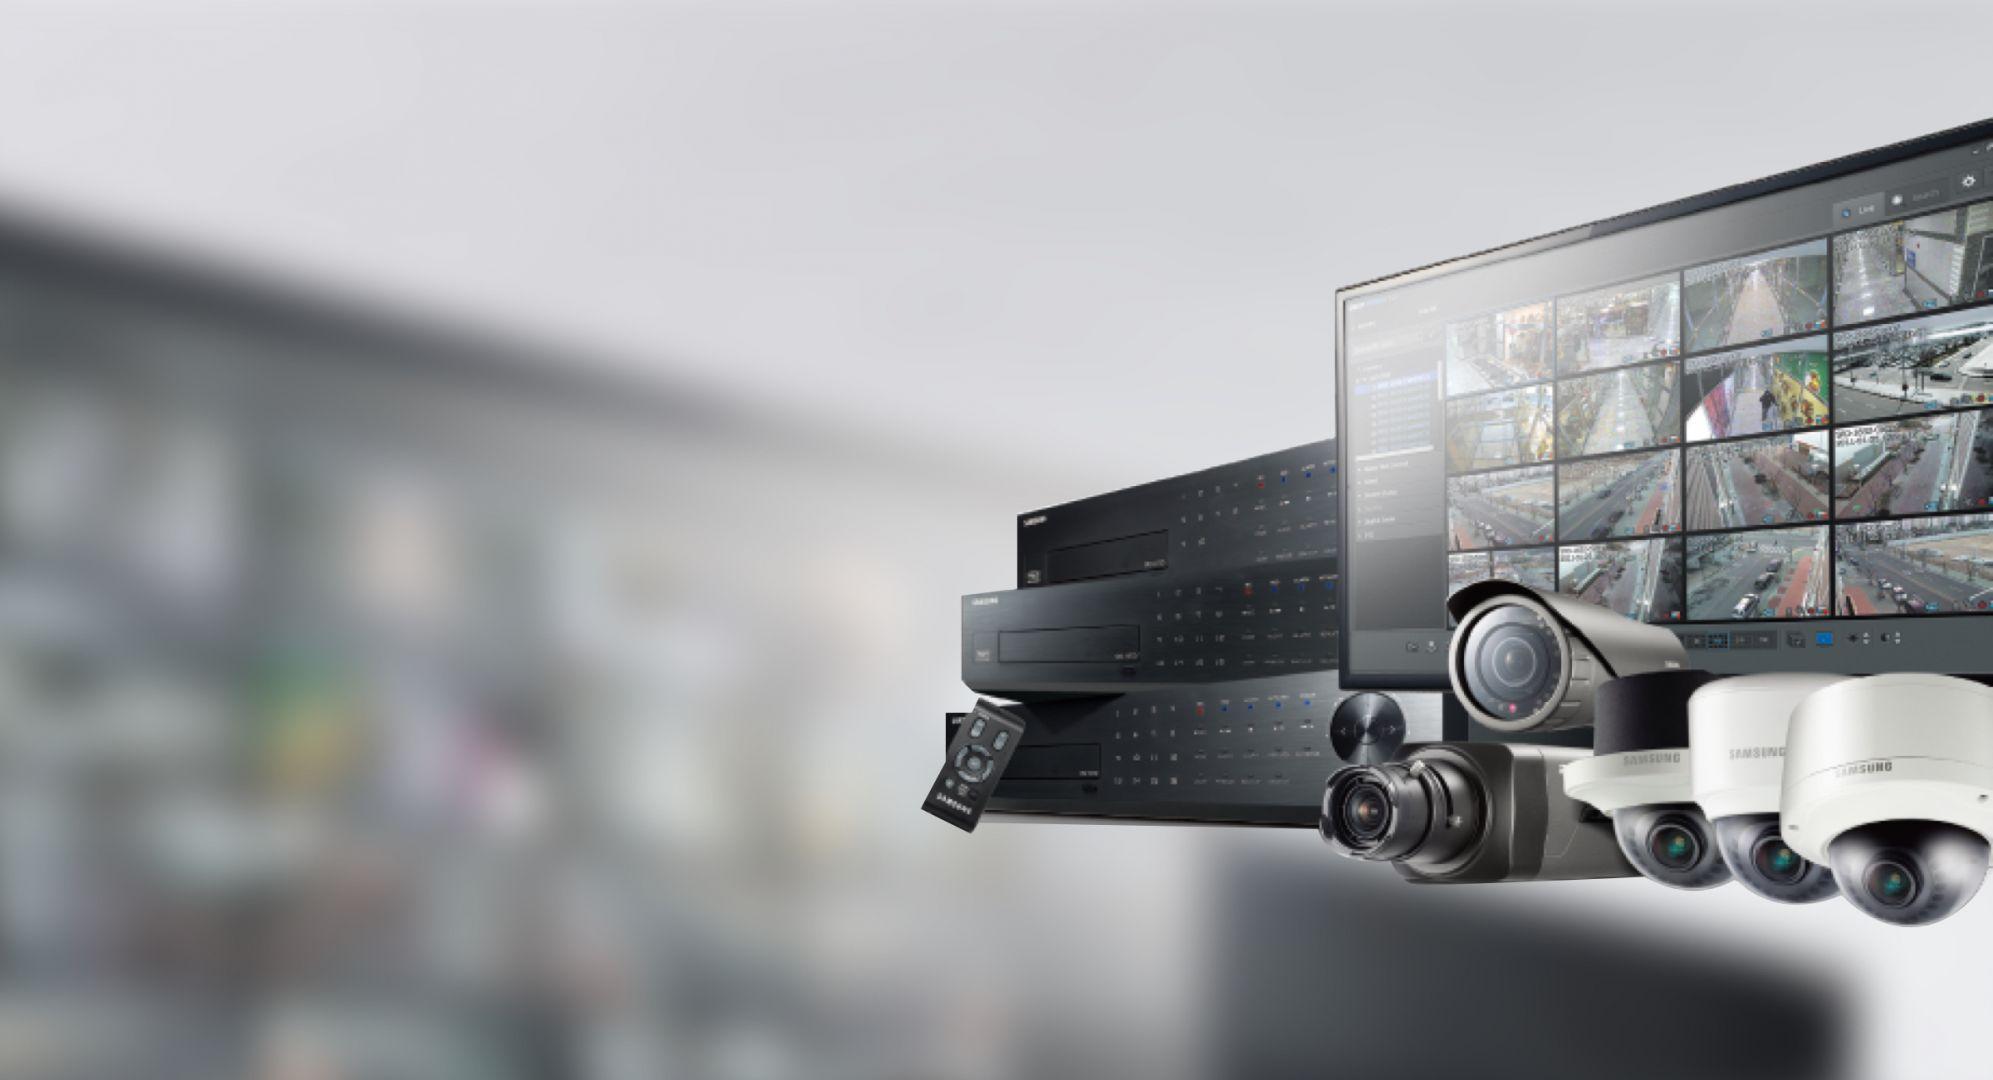 ip kamera güvenlik sistemleri çözümleri